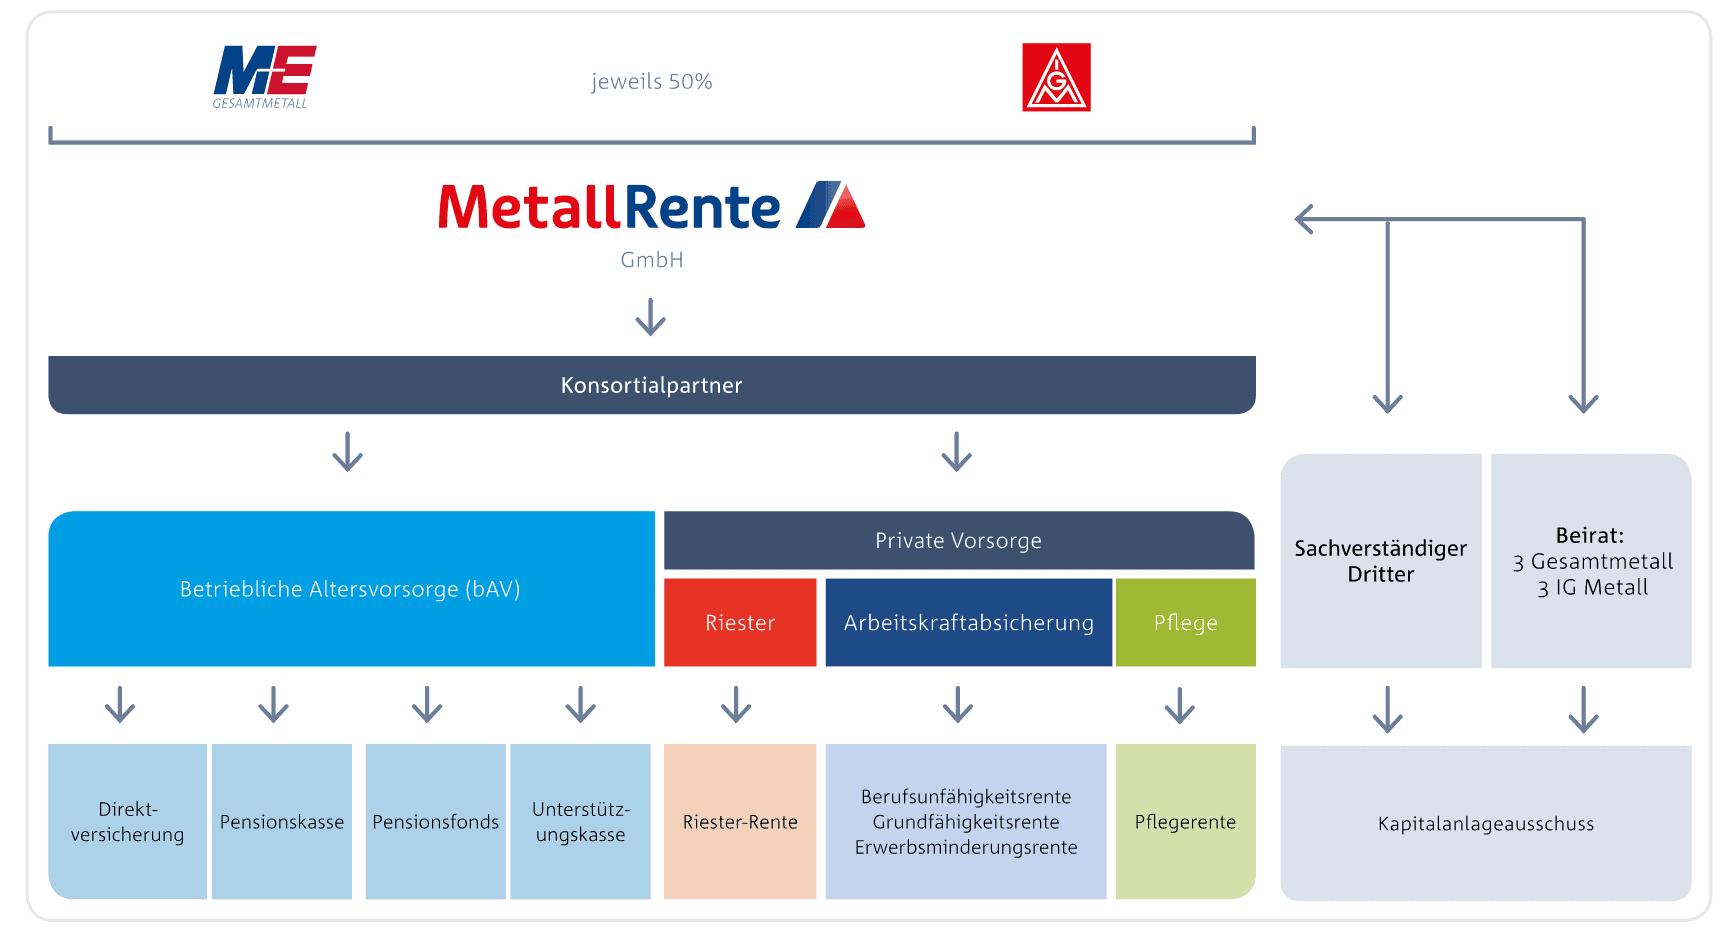 Sie wollen sich um Ihre Zukunft kümmern? Das freut uns! Wir helfen Ihnen dabei. Denn wir sind Ihr Partner, wenn es um Altersvorsorge, Berufsunfähigkeit, Erwerbsminderung und Pflege geht. MetallRente ist gemeinsam von IG Metall und Gesamtmetall ins Leben gerufen worden.